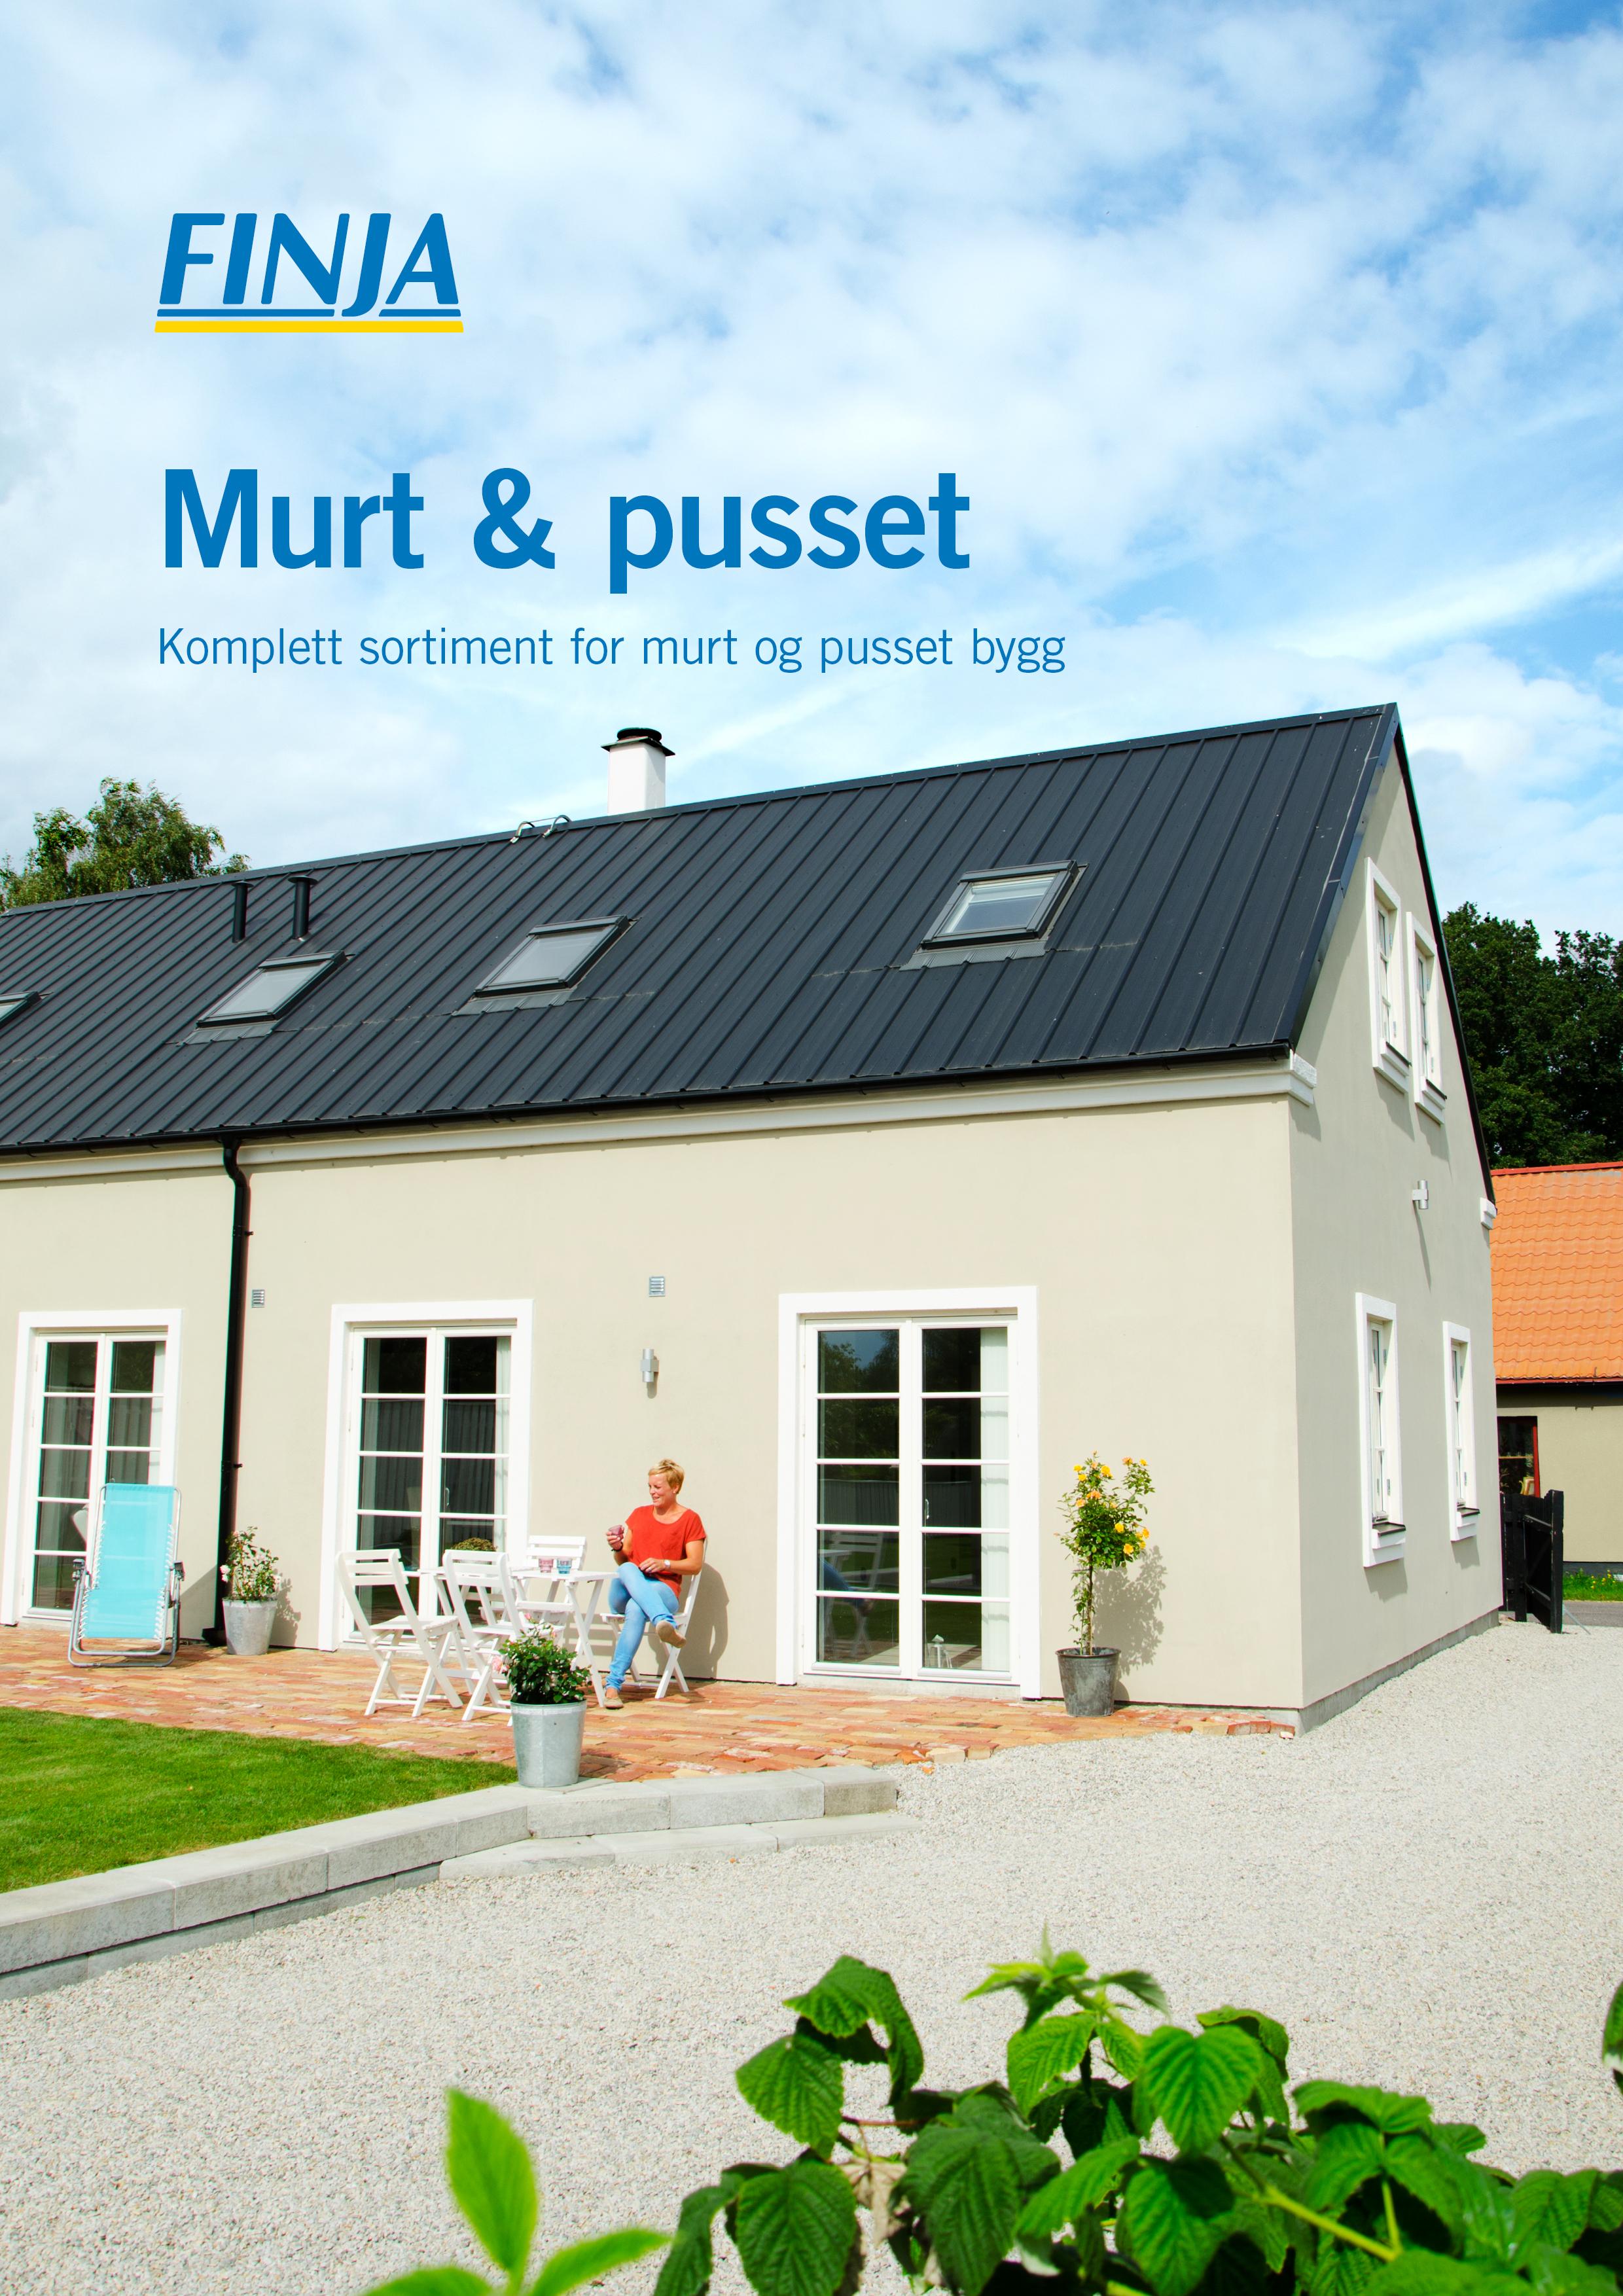 Murt & pusset